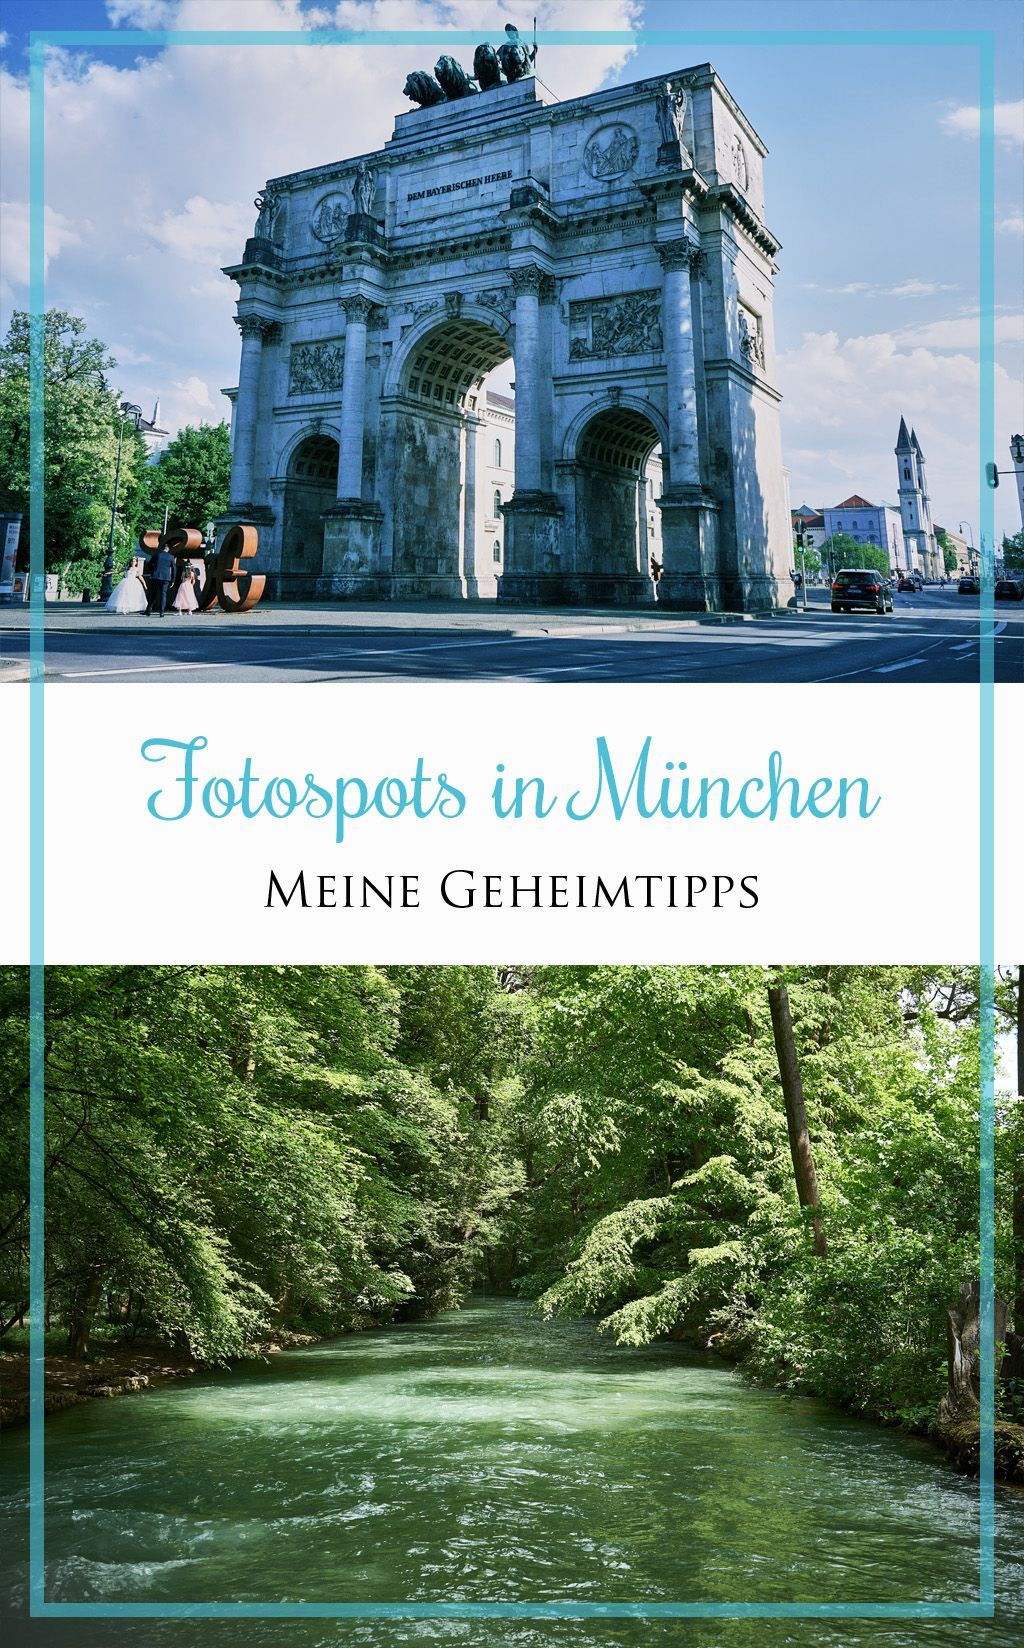 Fotospots in München Die schönsten Fotolocations  Geheimtipps Geheimtipps und schöne Orte an denen man in München tolle Fotos schießen kann